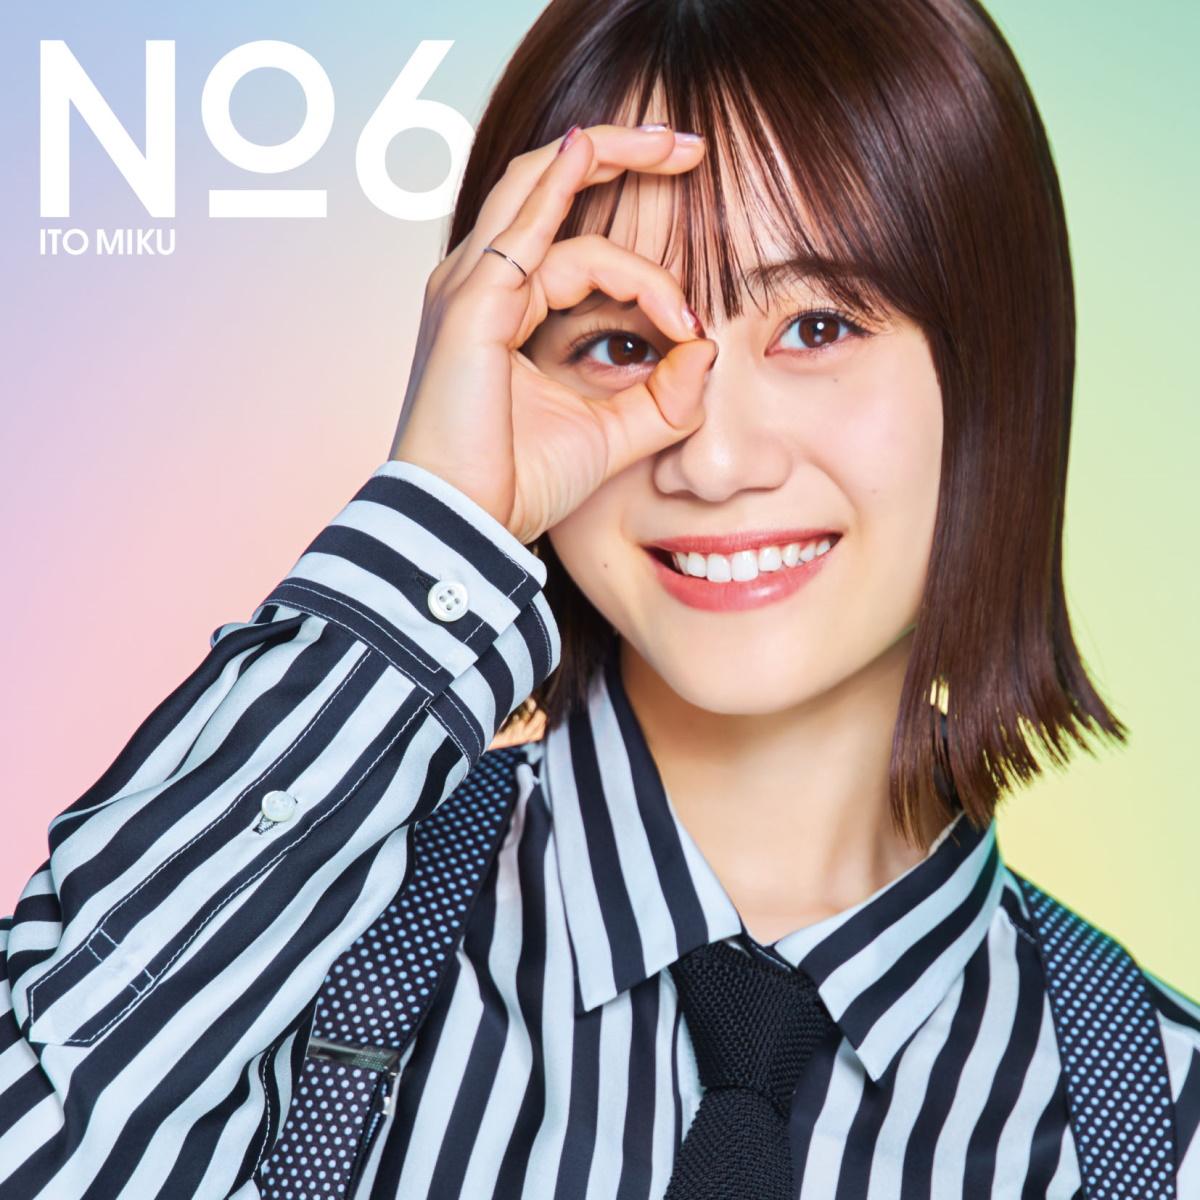 『伊藤美来 - No.6』収録の『No.6』ジャケット